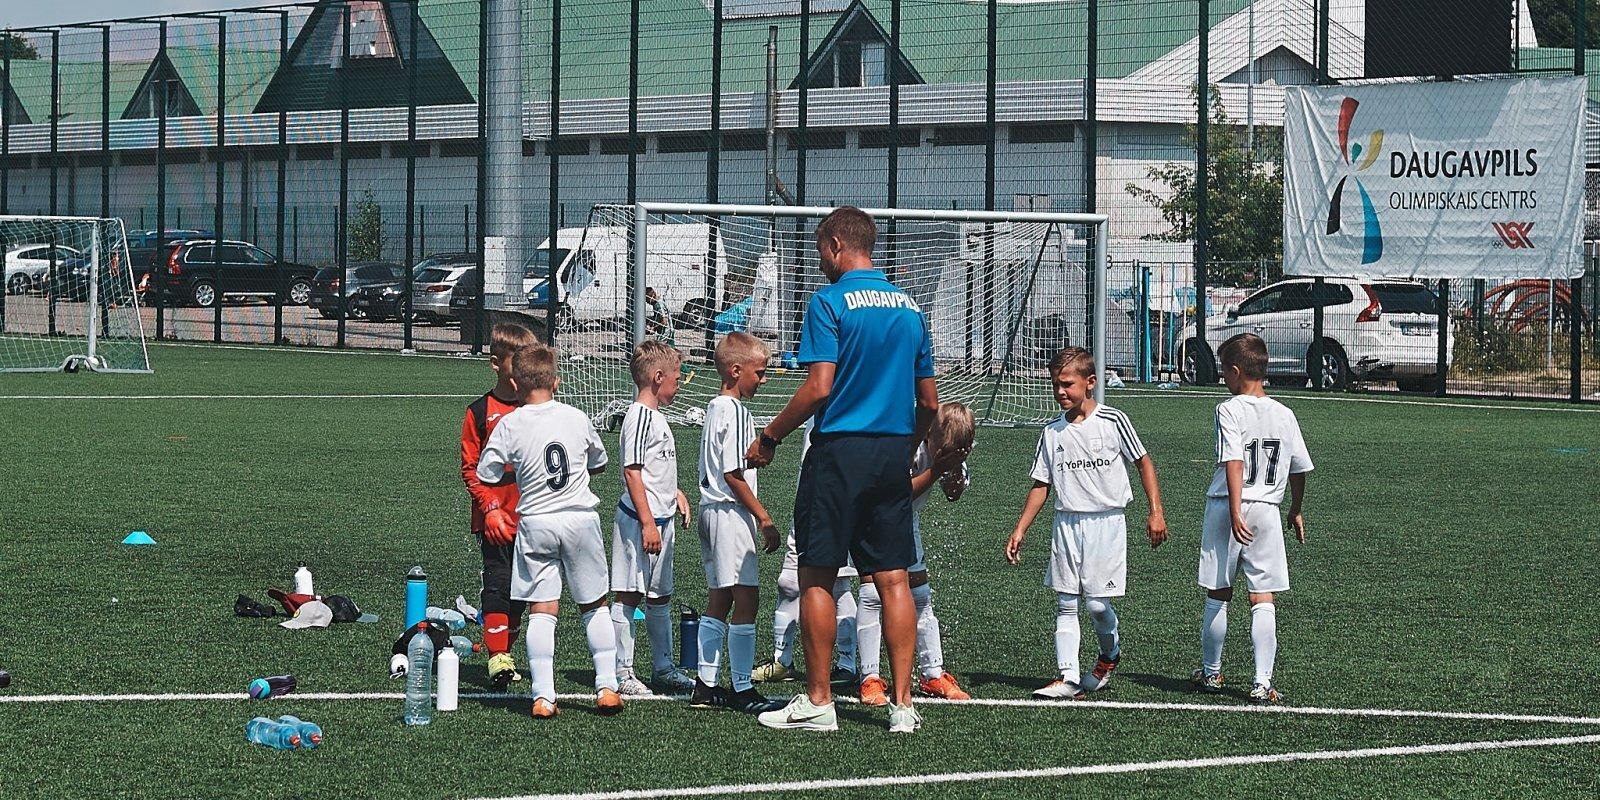 """""""Войны"""" футбольных кланов. Что происходит с детским и молодежным футболом в Даугавпилсе?"""